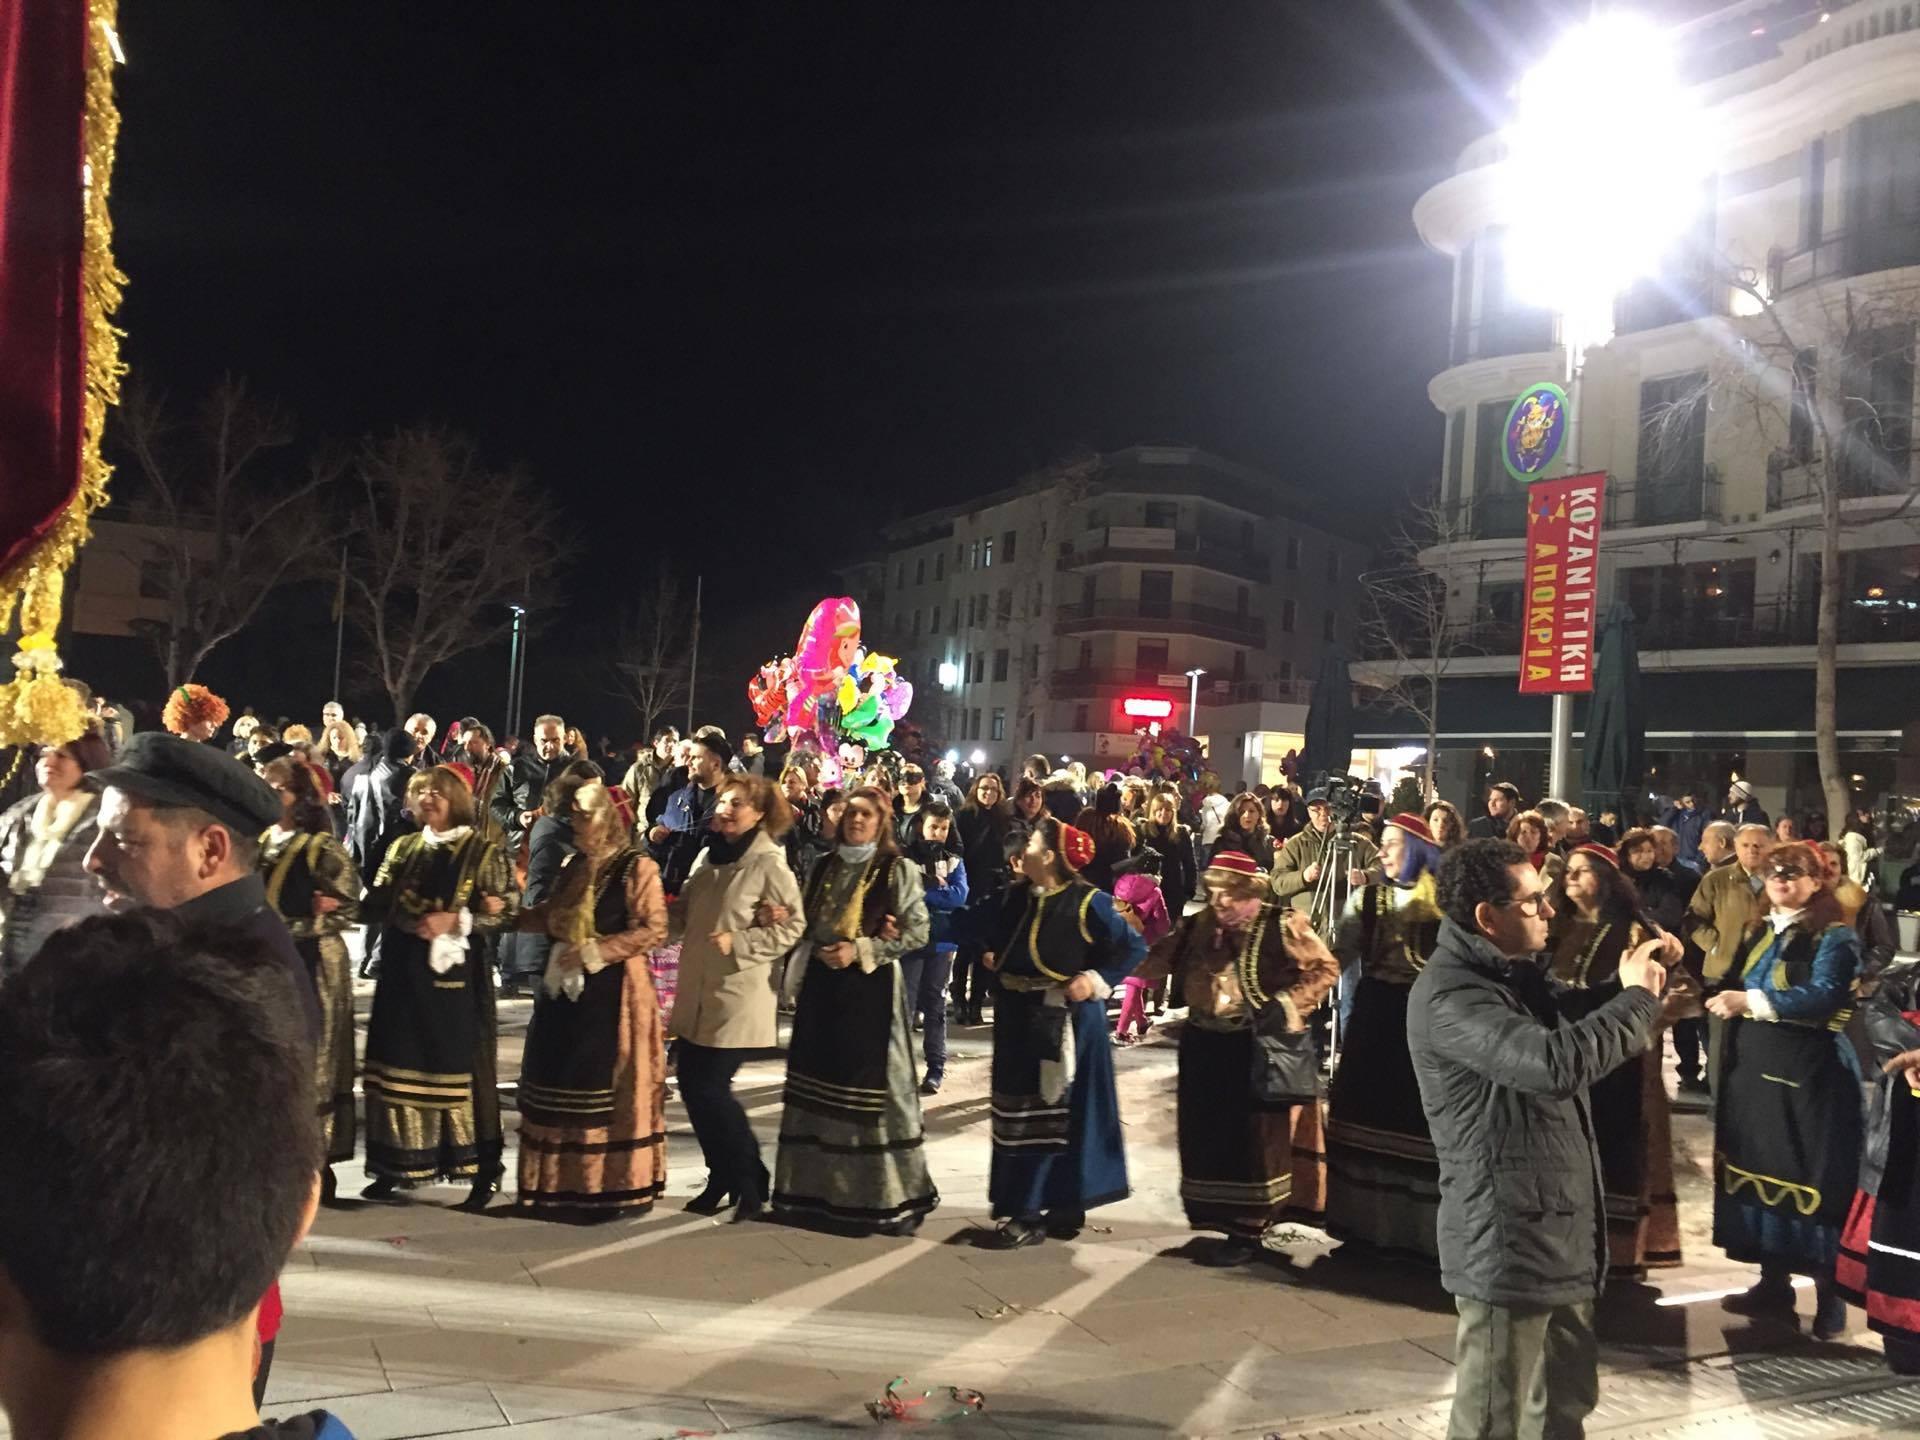 kozan.gr: Η παρουσίαση του Φανού Γιτιά στην κεντρική πλατεία της Κοζάνης (Φωτογραφίες & Βίντεο)